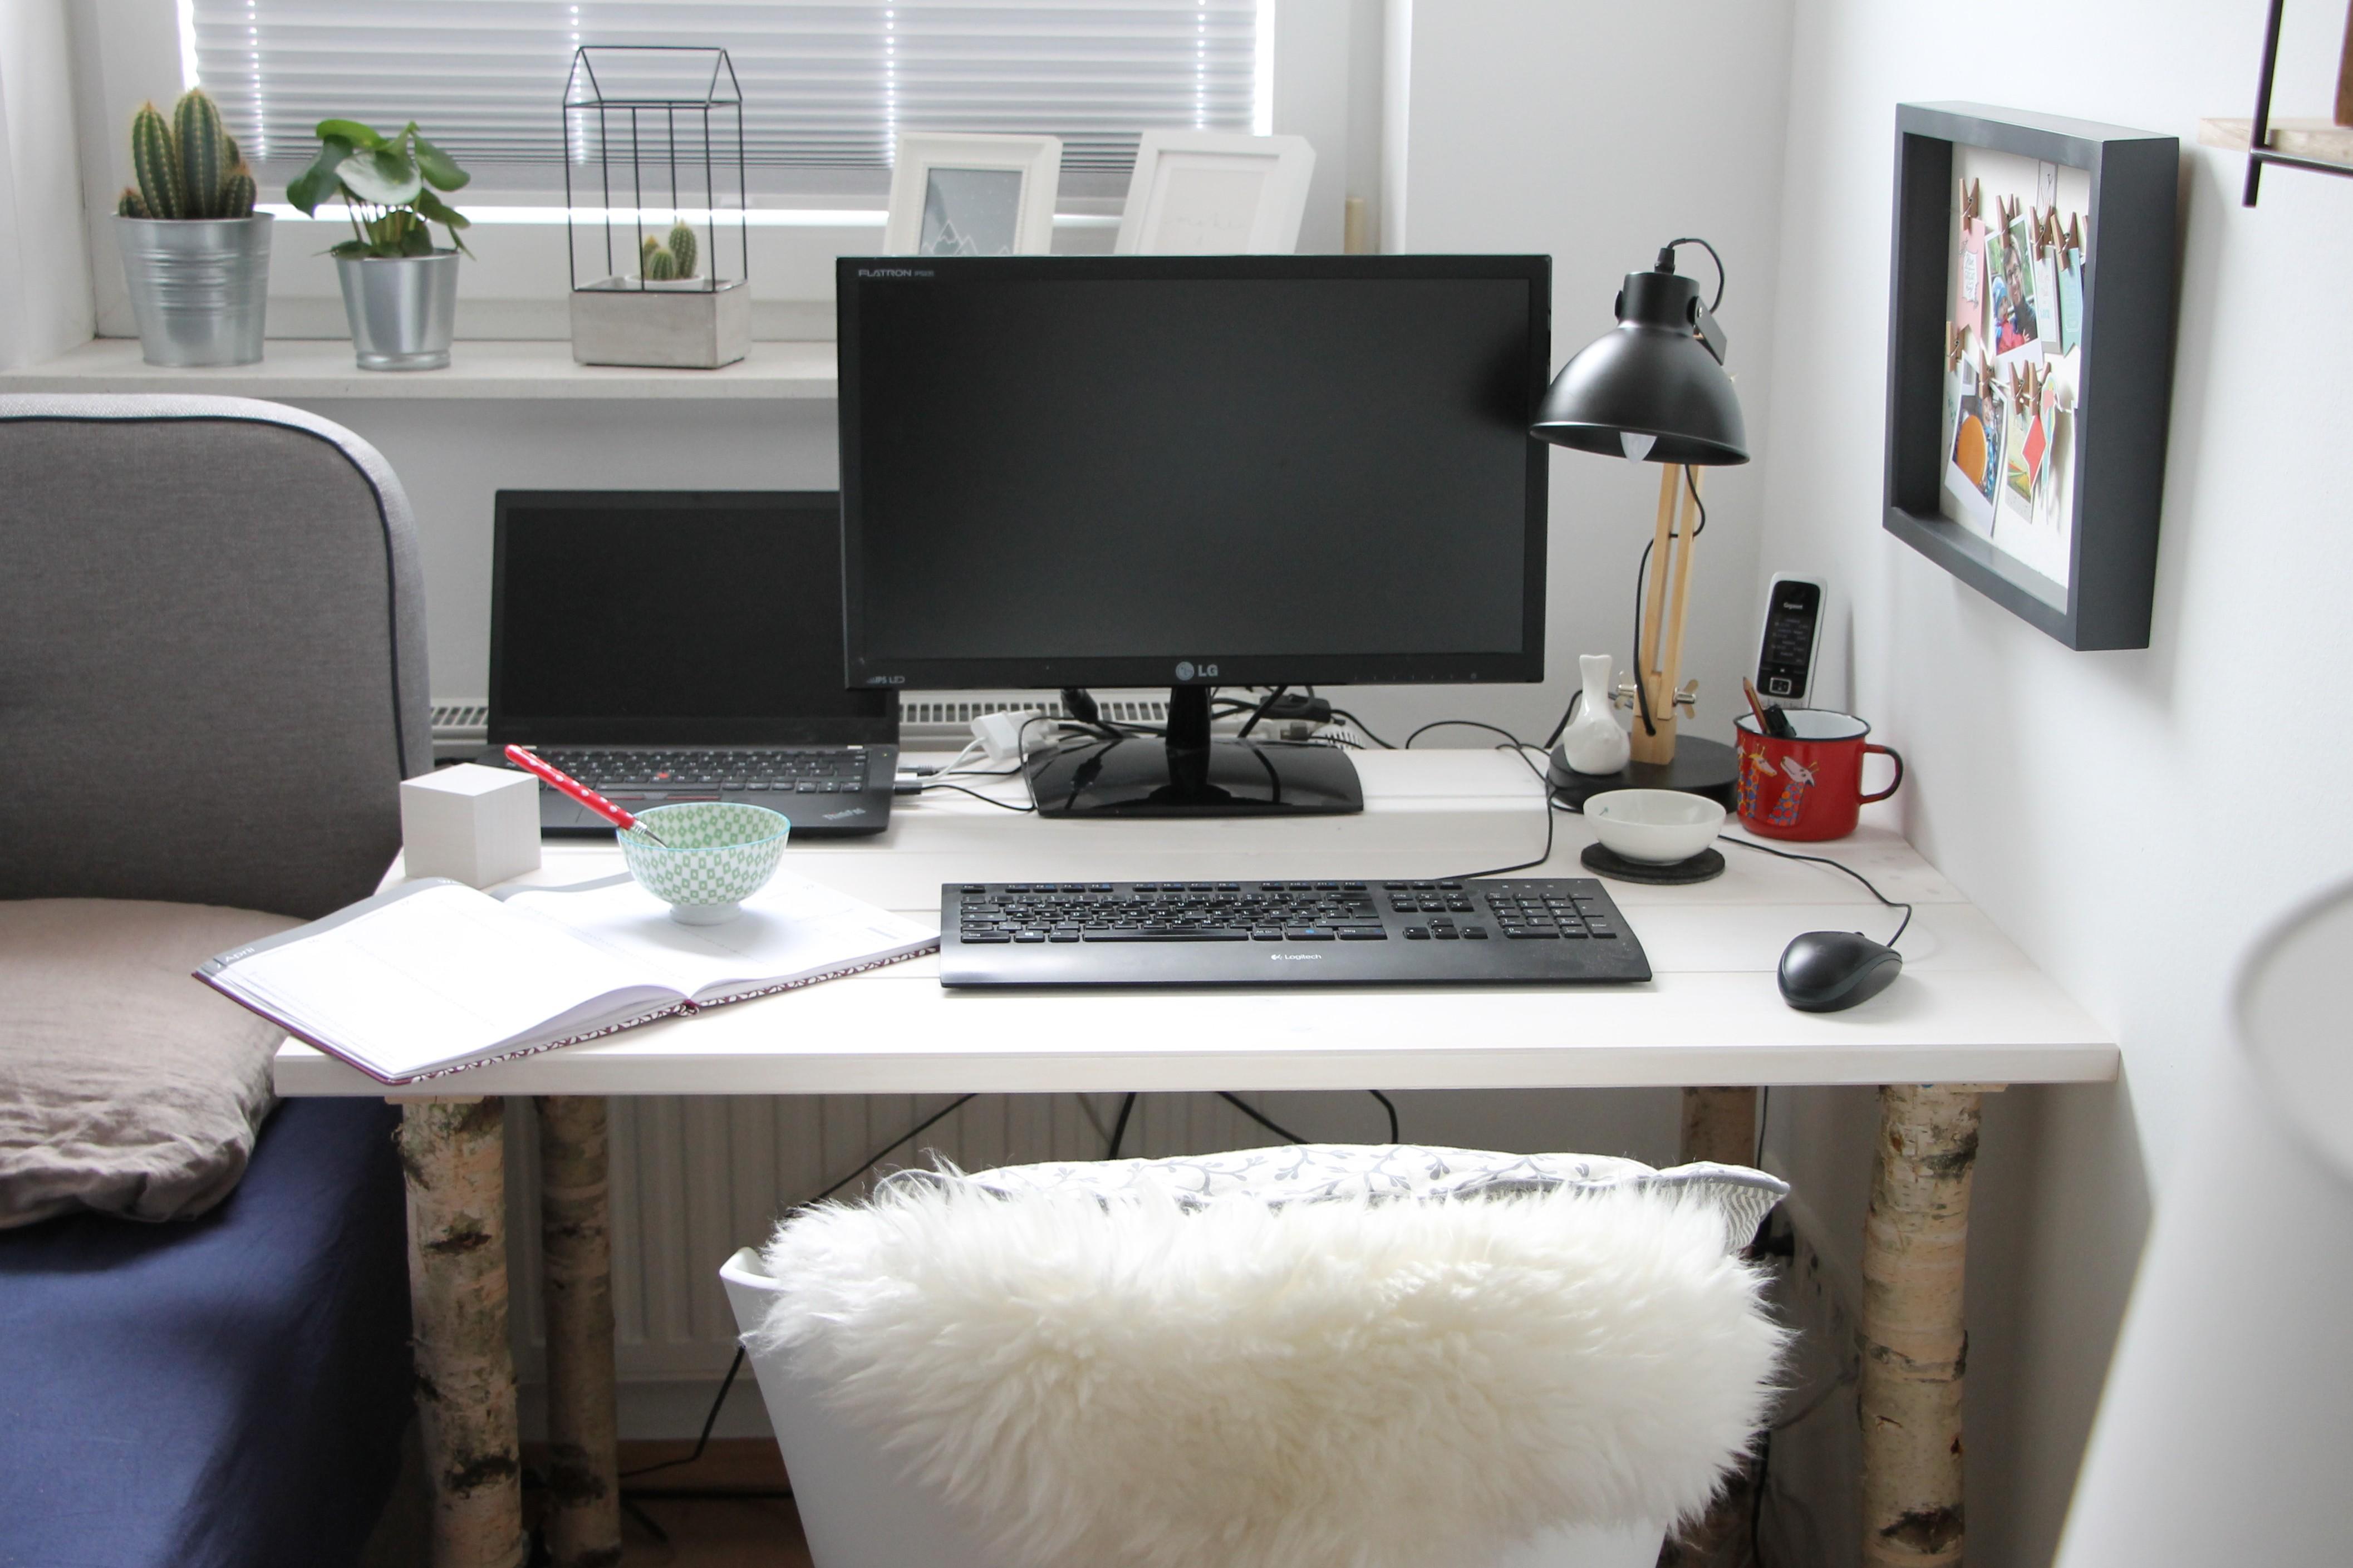 Blickfang Schreibtisch Diy Das Beste Von Nächste · Selbstgebauter